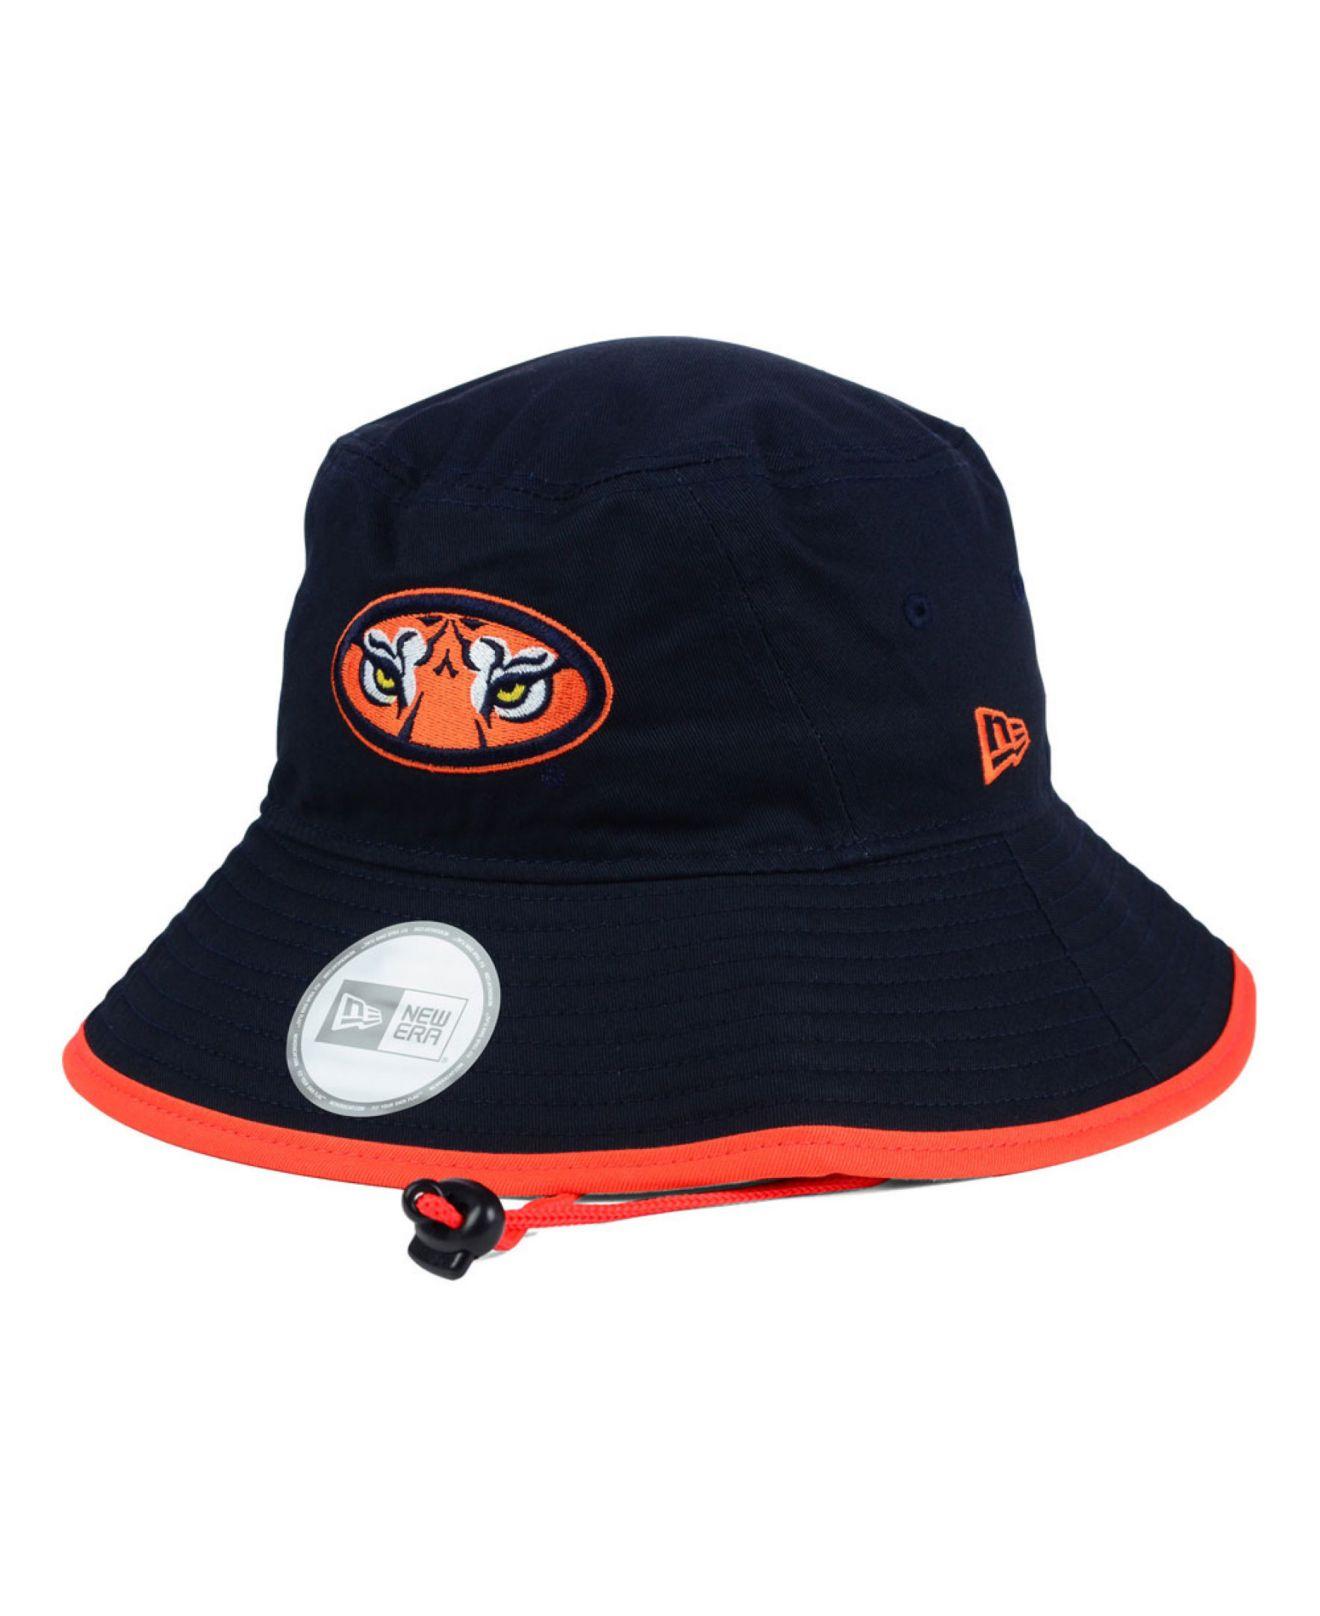 115b0ca2b13 Lyst - Ktz Auburn Tigers Tip Bucket Hat in Blue for Men